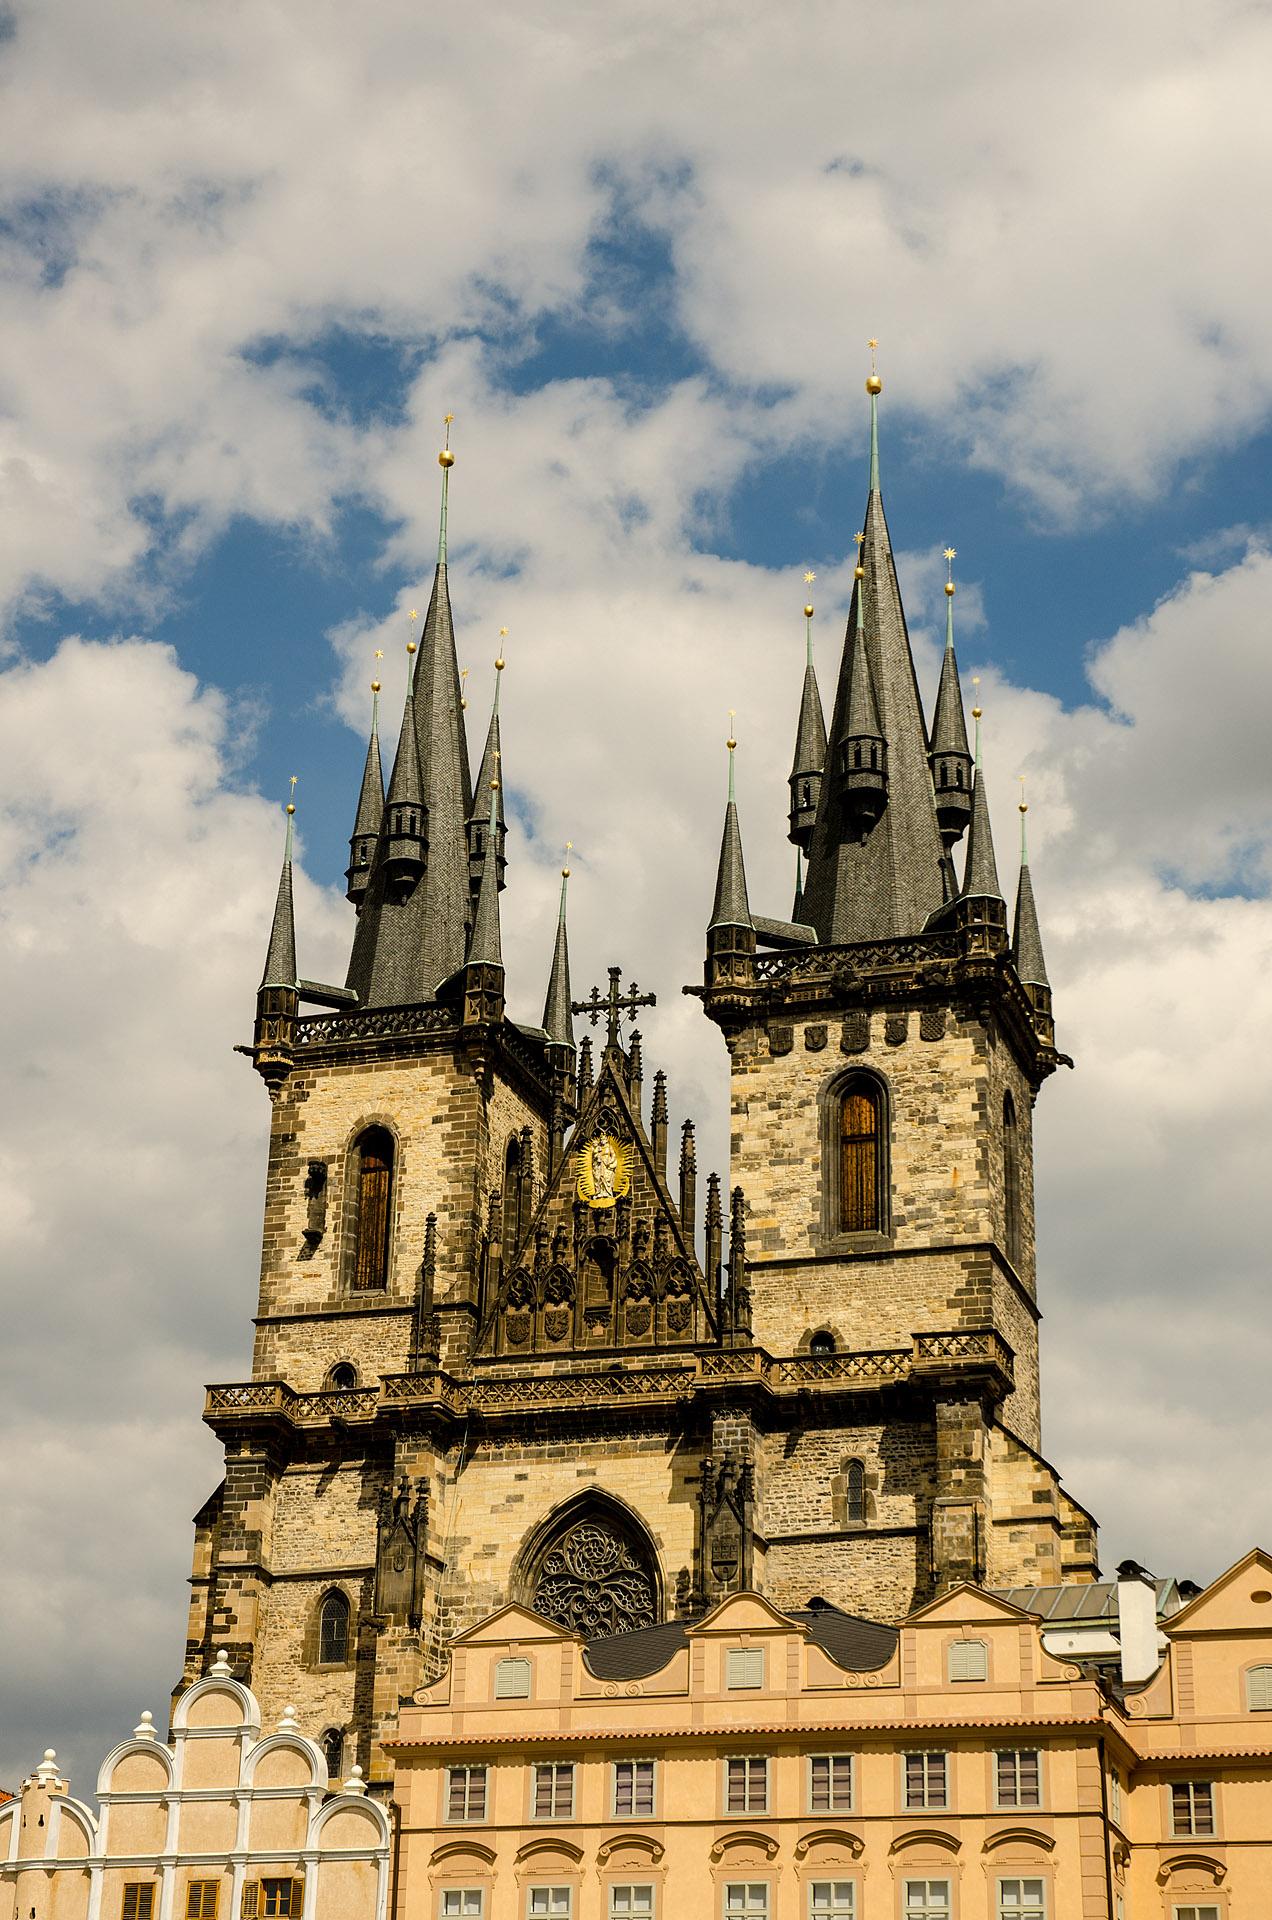 Church of Our Lady before Tyn (Tyn Church)